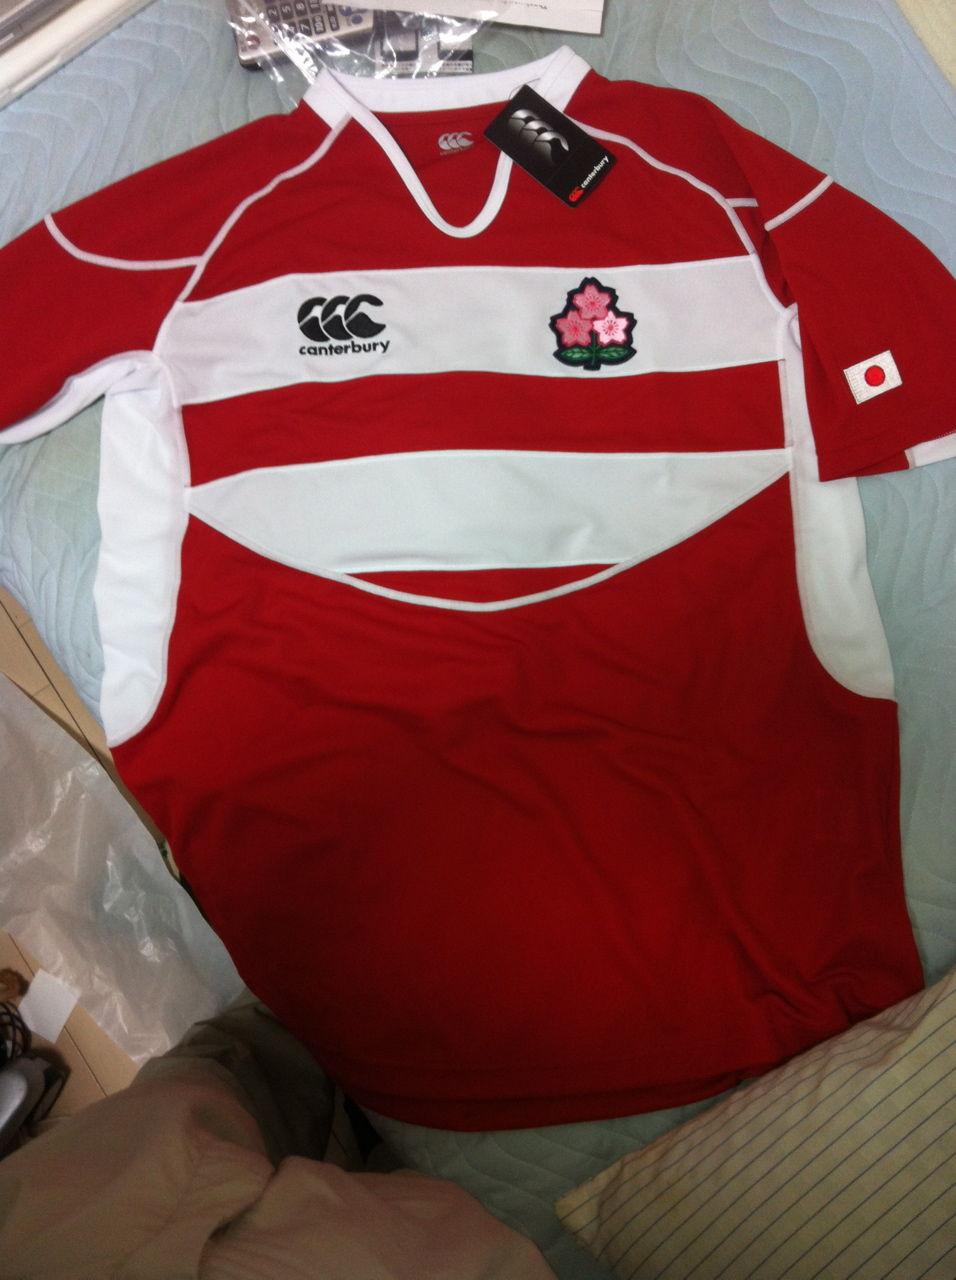 ラグビー日本代表レプリカシャツ(ジャージ)